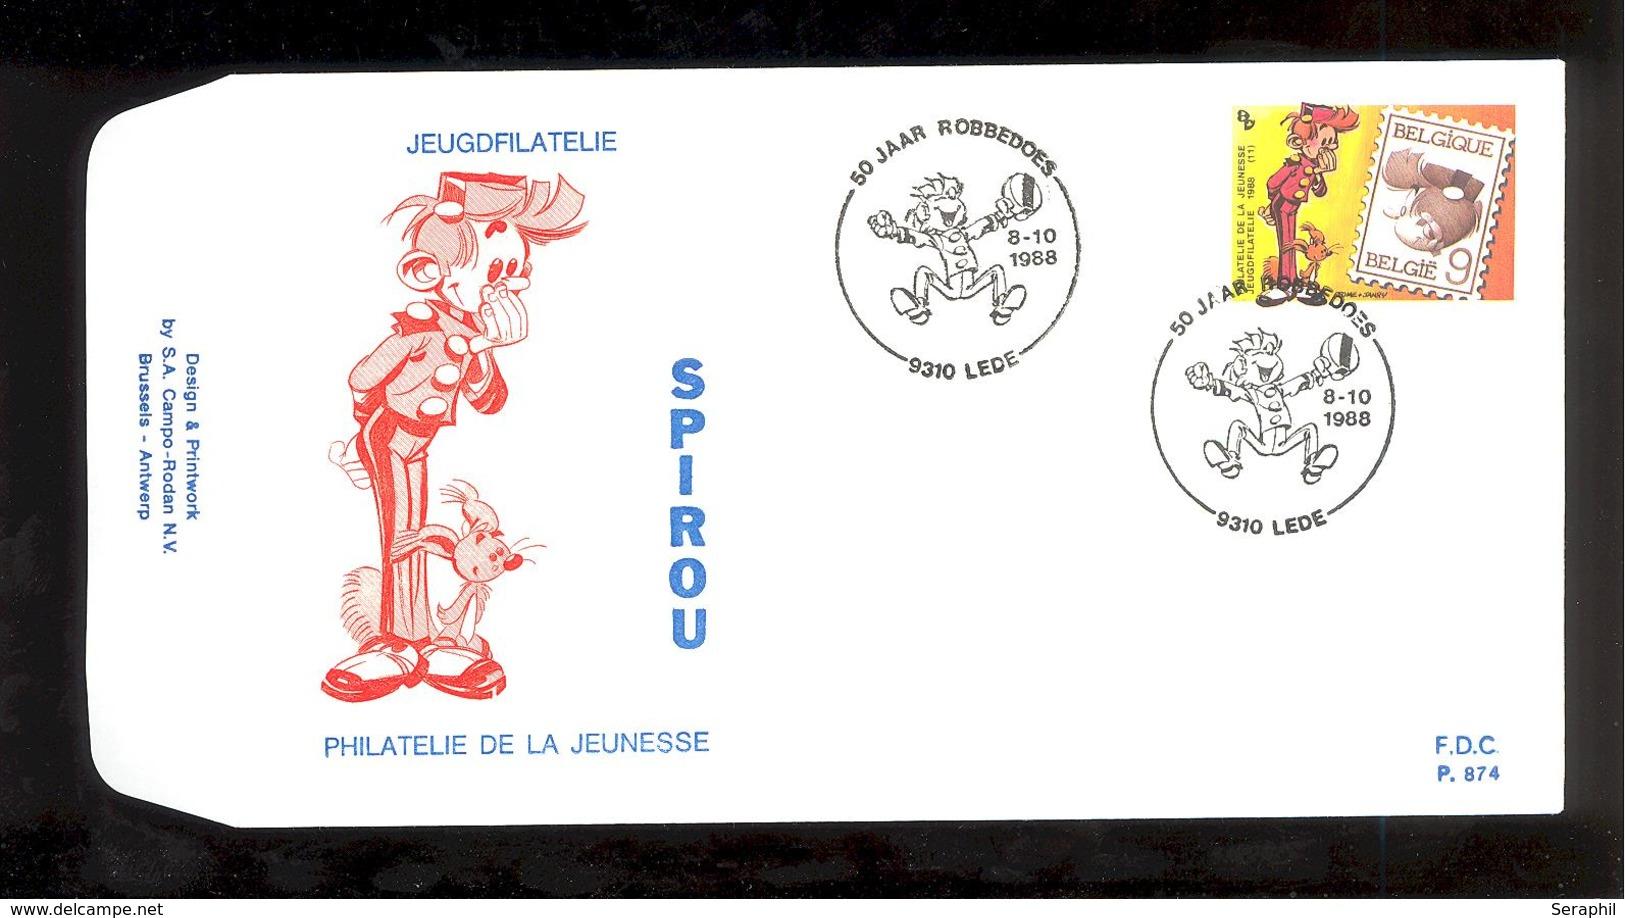 FDC - Spirou - Philatélie De La Jeunesse - B.D. - Timbre N° 2302 - Tampon Lede - FDC